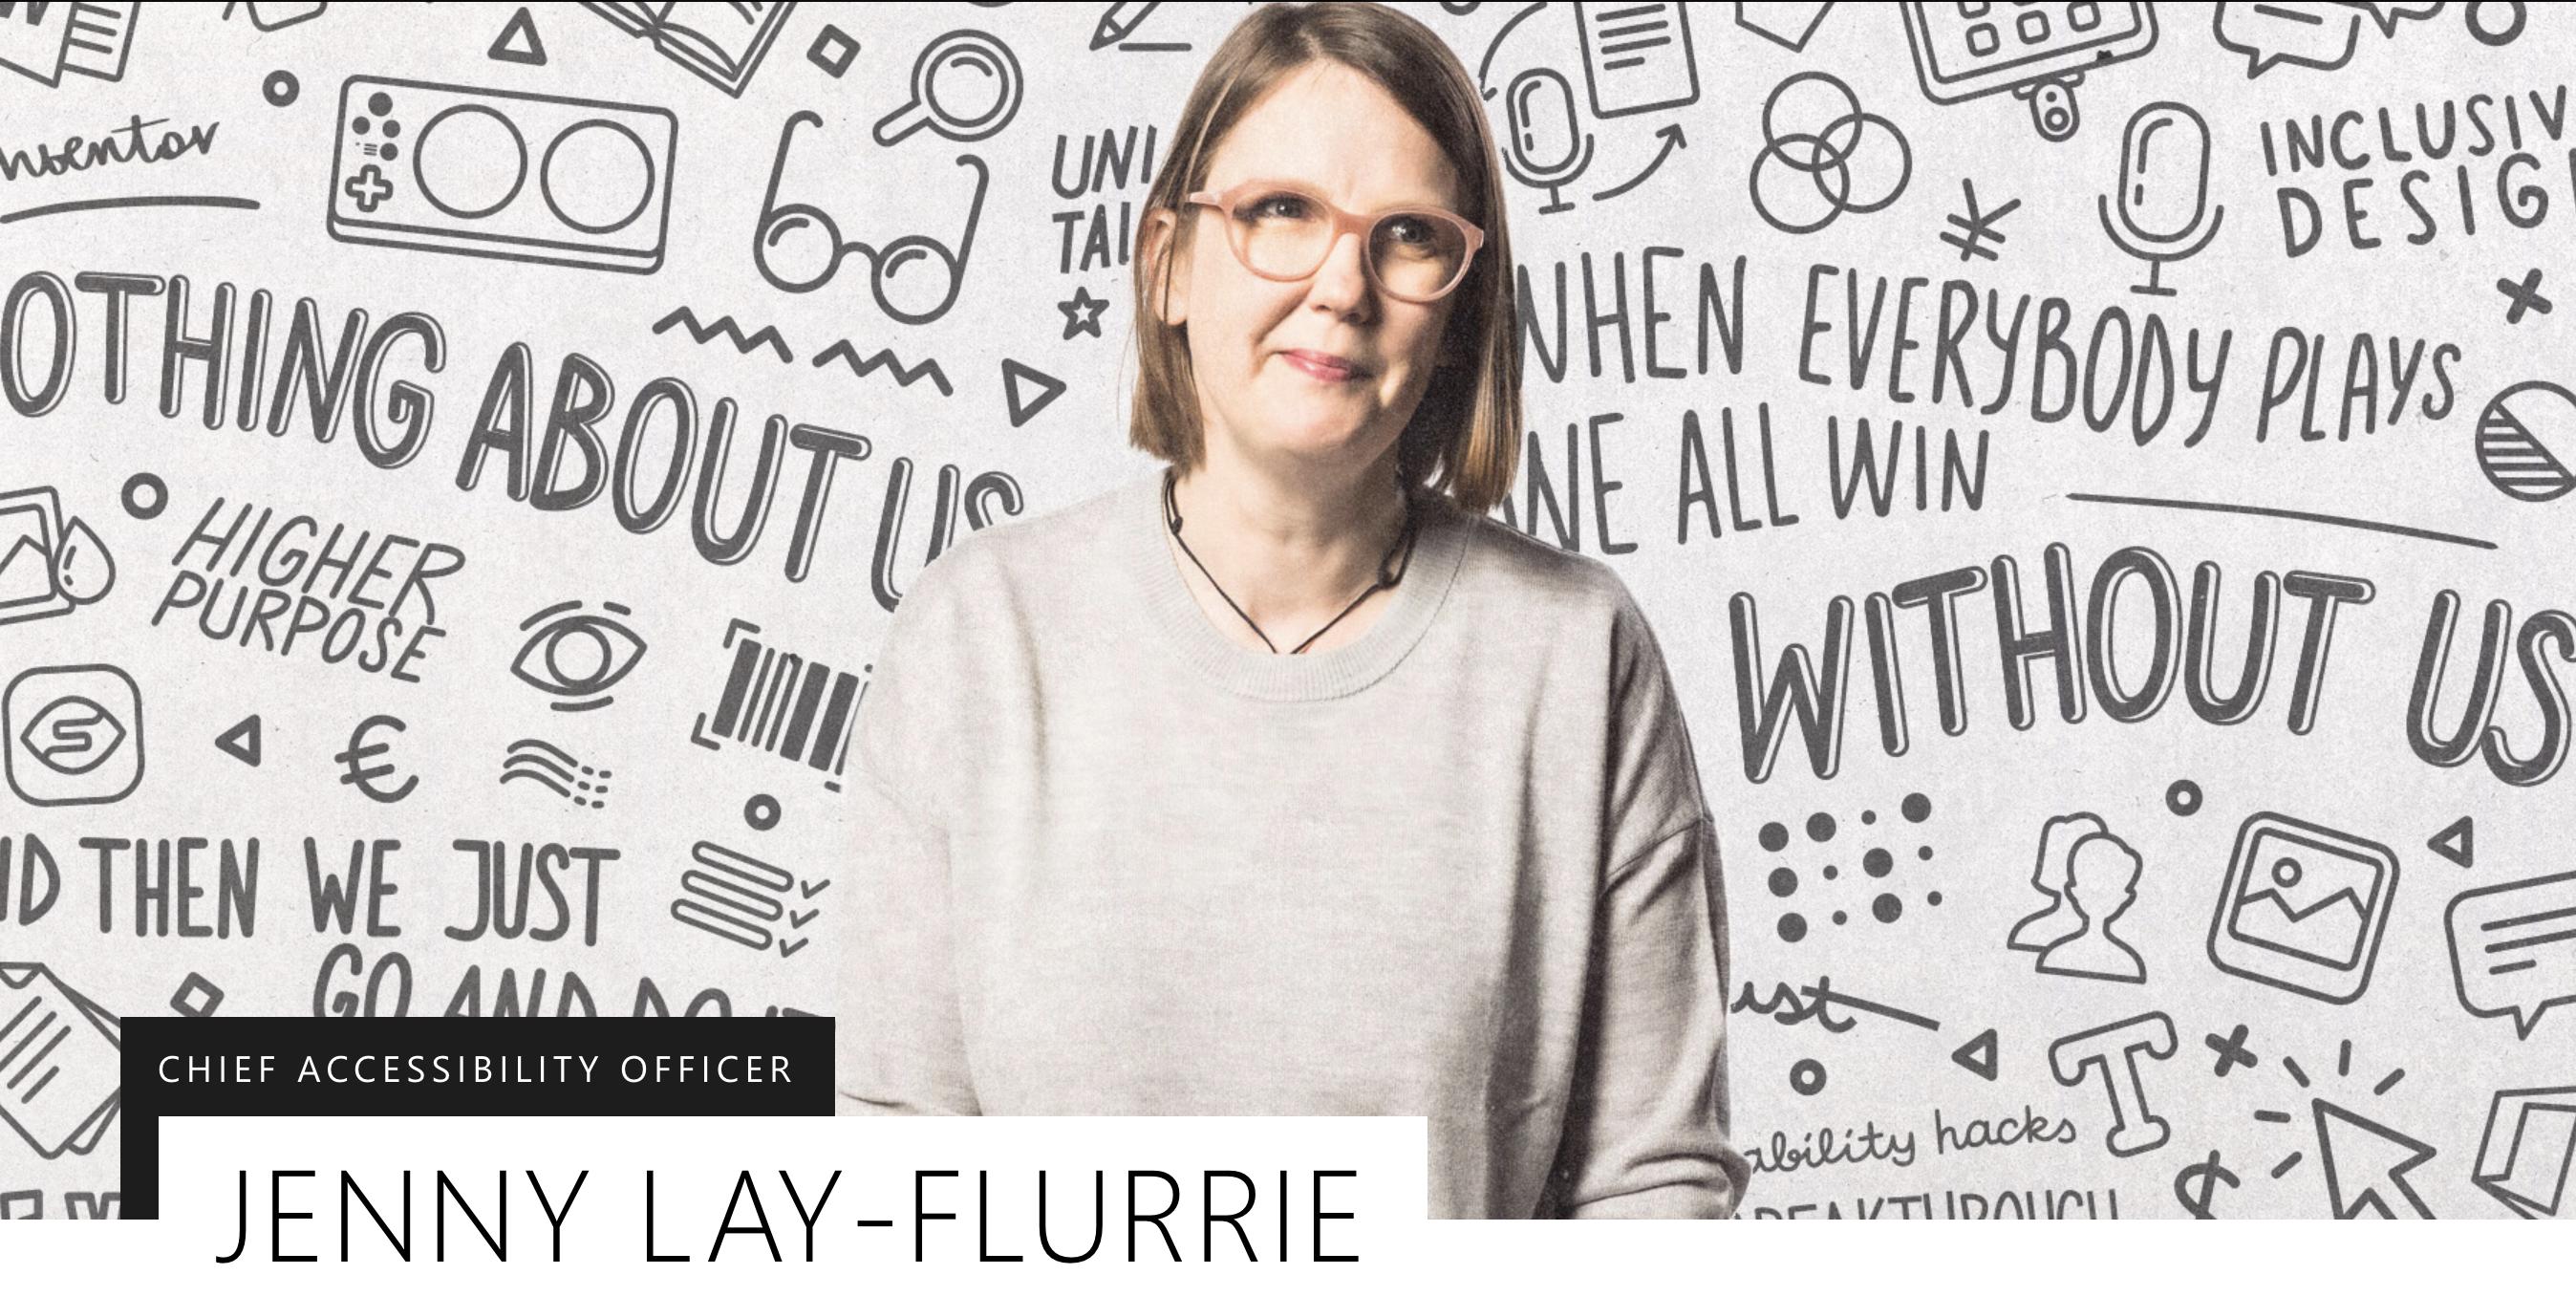 Jenny Lay-Flurrie ประธานฝ่าย Accessibility อีกหนึ่งเบื้องหลังไมโครซอฟท์ในการเข้าถึงผู้พิการ